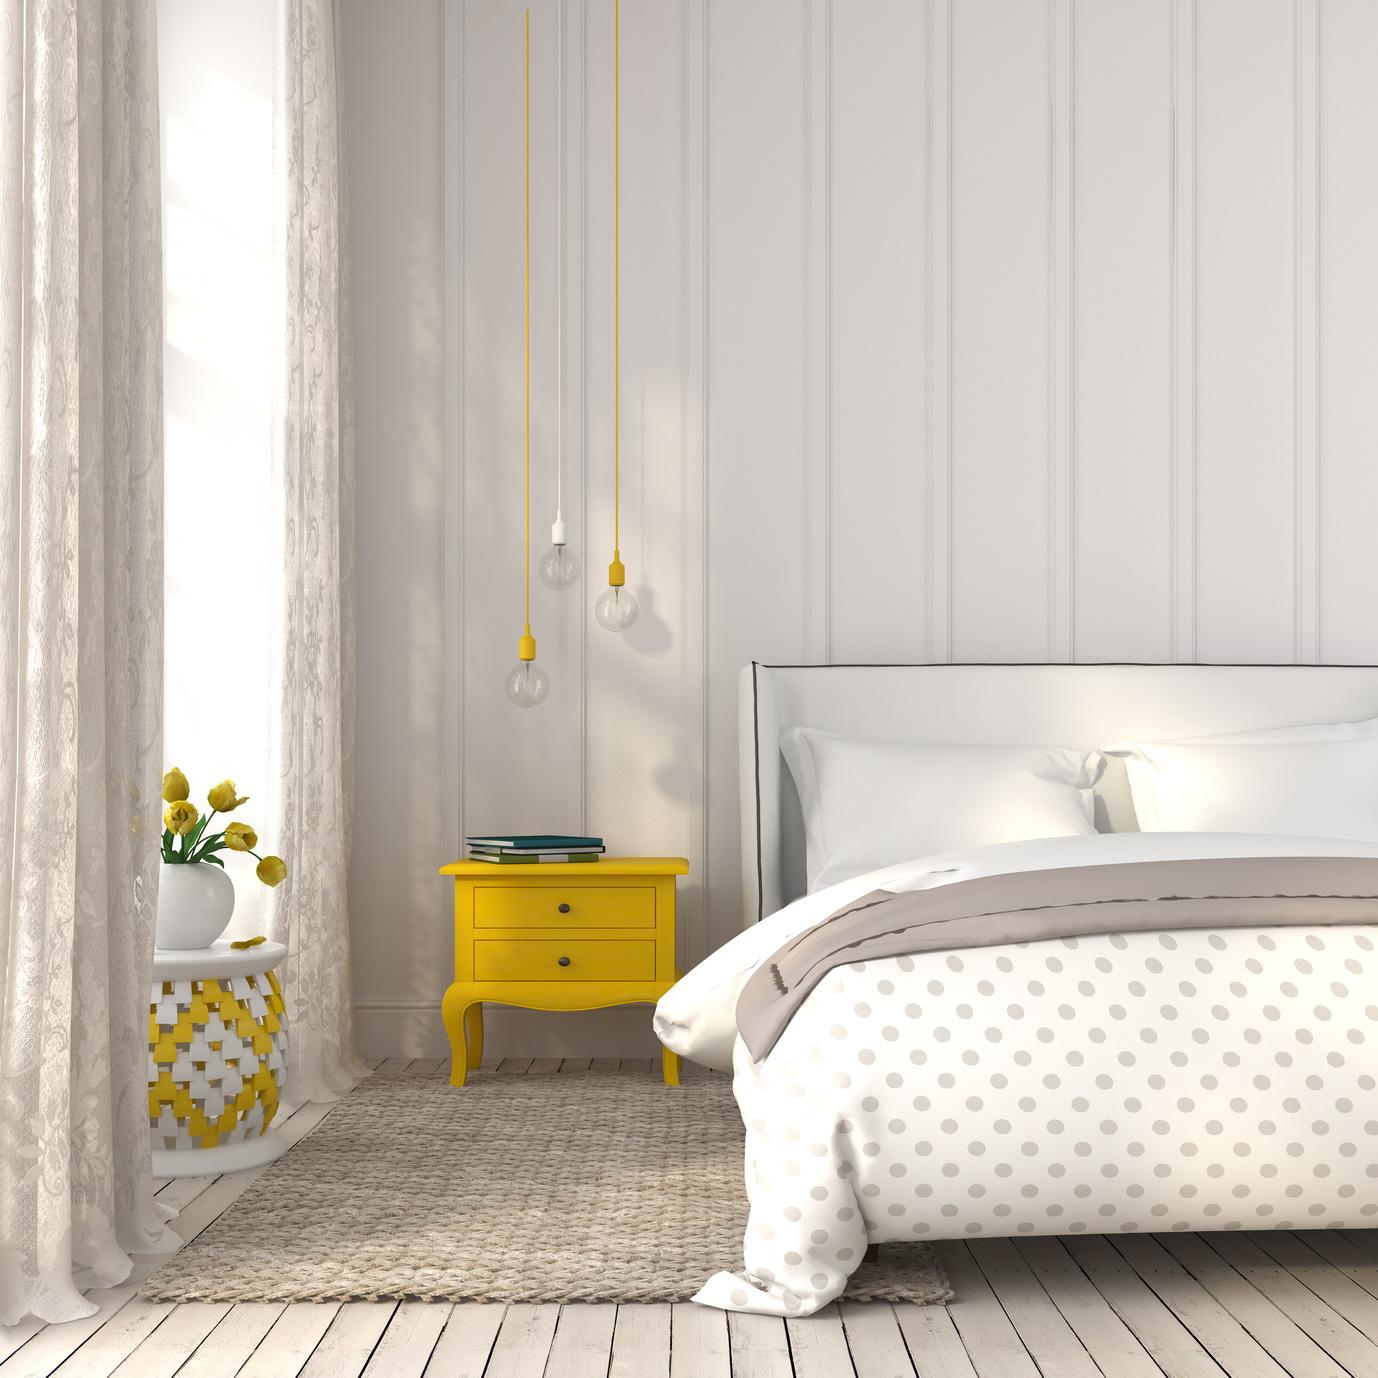 Dormitorio con edredón estampado y plaid gris con cortinas a juego